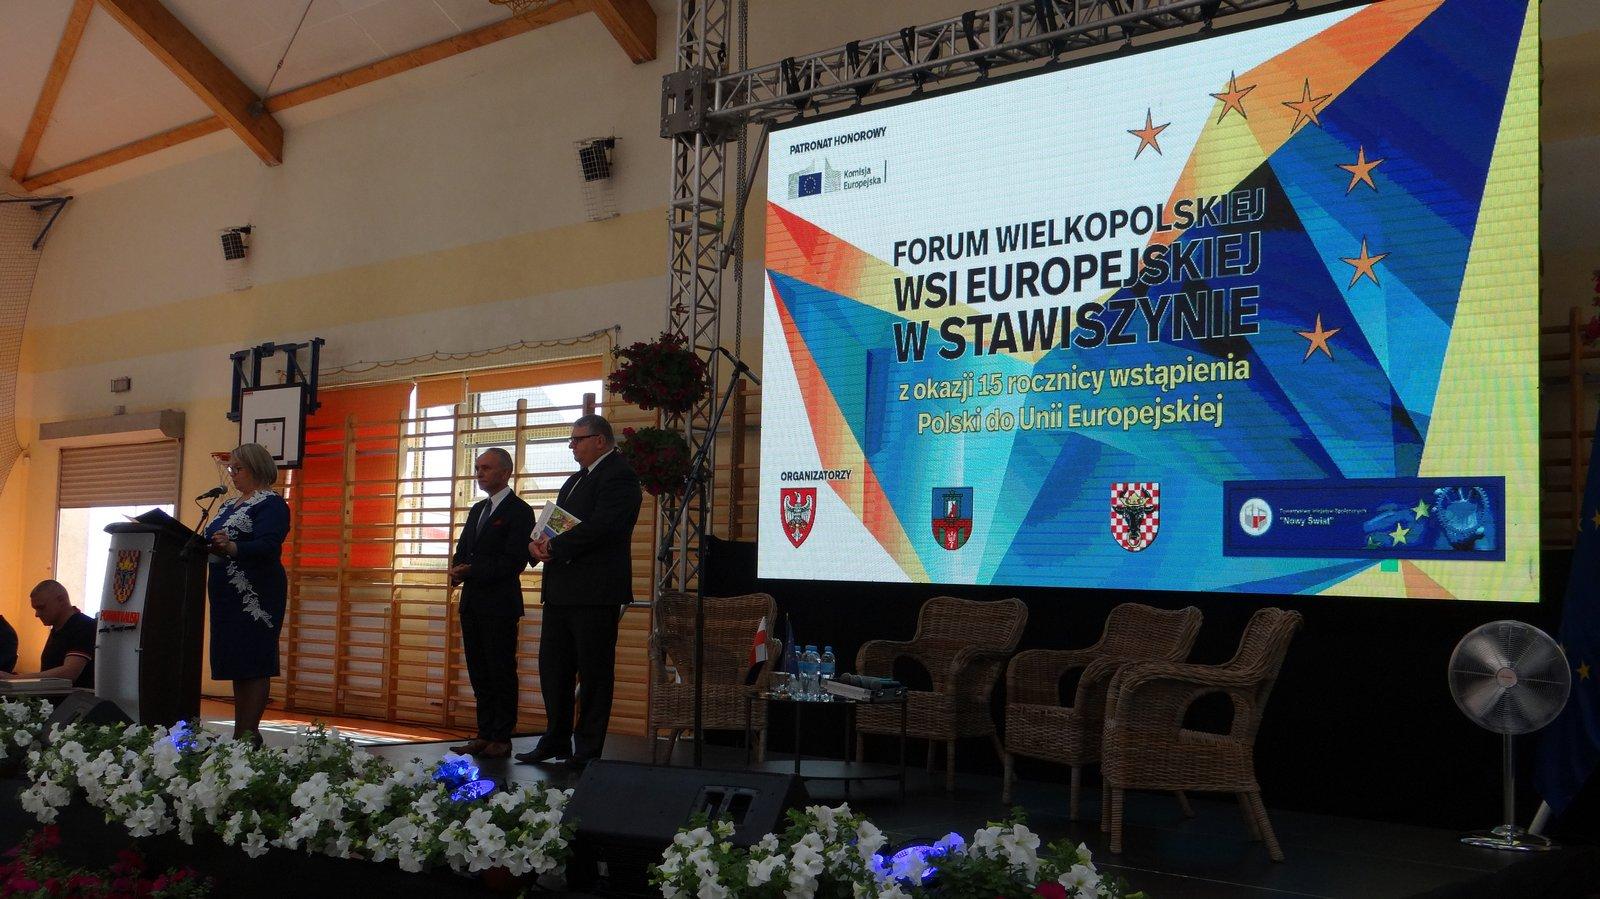 dsc09461 - Wielkopolska zaradność i pracowitość doceniona na Forum Wielkopolskiej Wsi Europejskiej